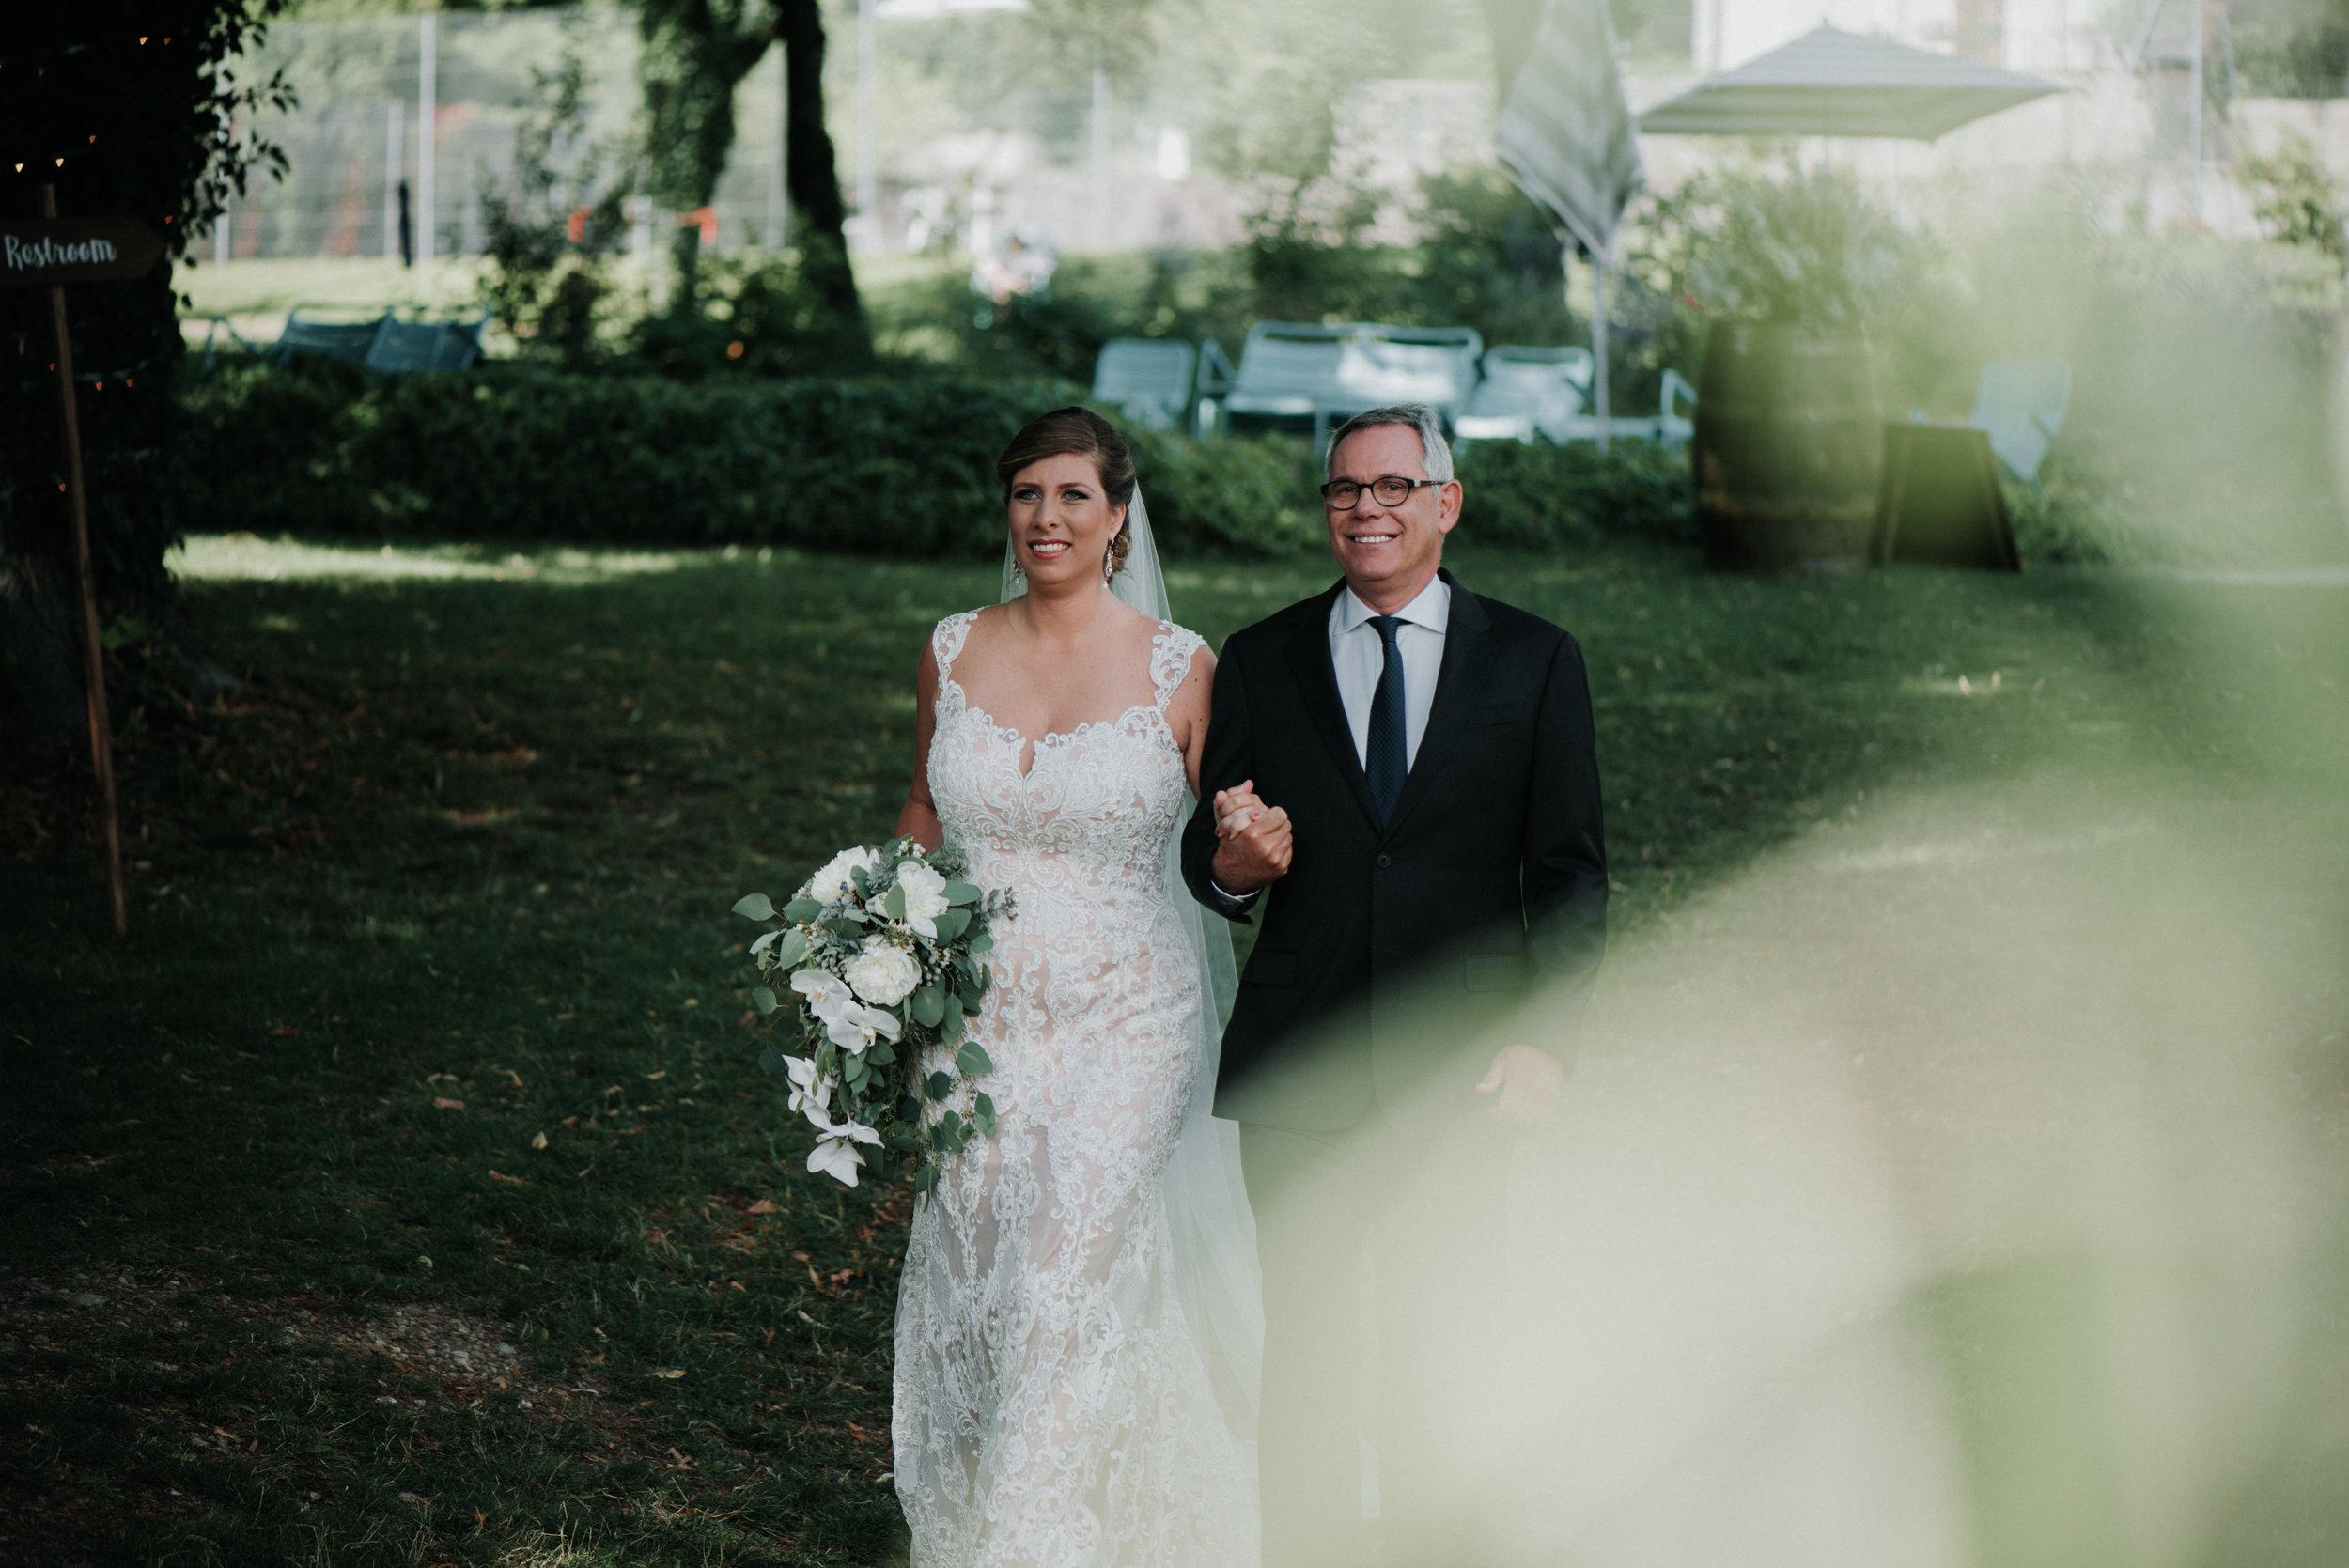 Léa-Fery-photographe-professionnel-lyon-rhone-alpes-portrait-creation-mariage-evenement-evenementiel-famille-2-106.jpg